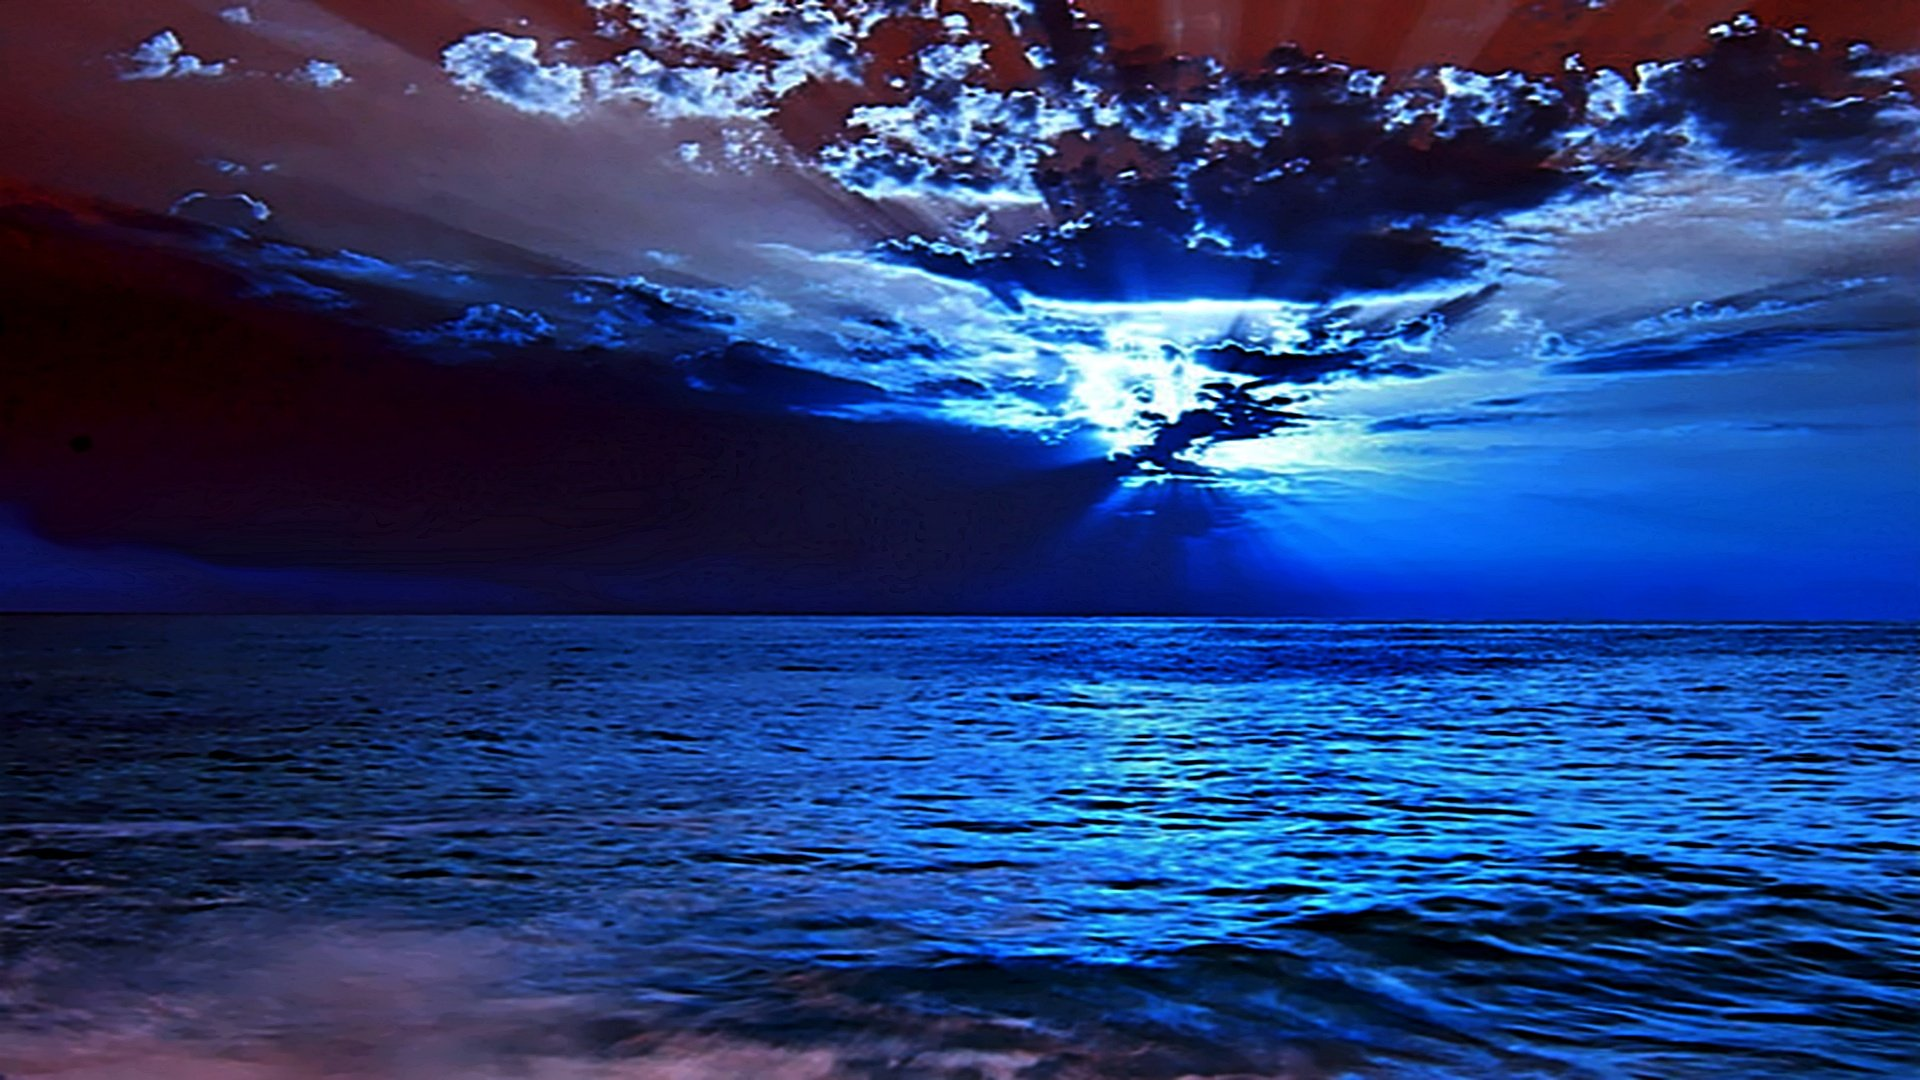 High Definition Wallpapers High: High Resolution Ocean Wallpaper Widescreen